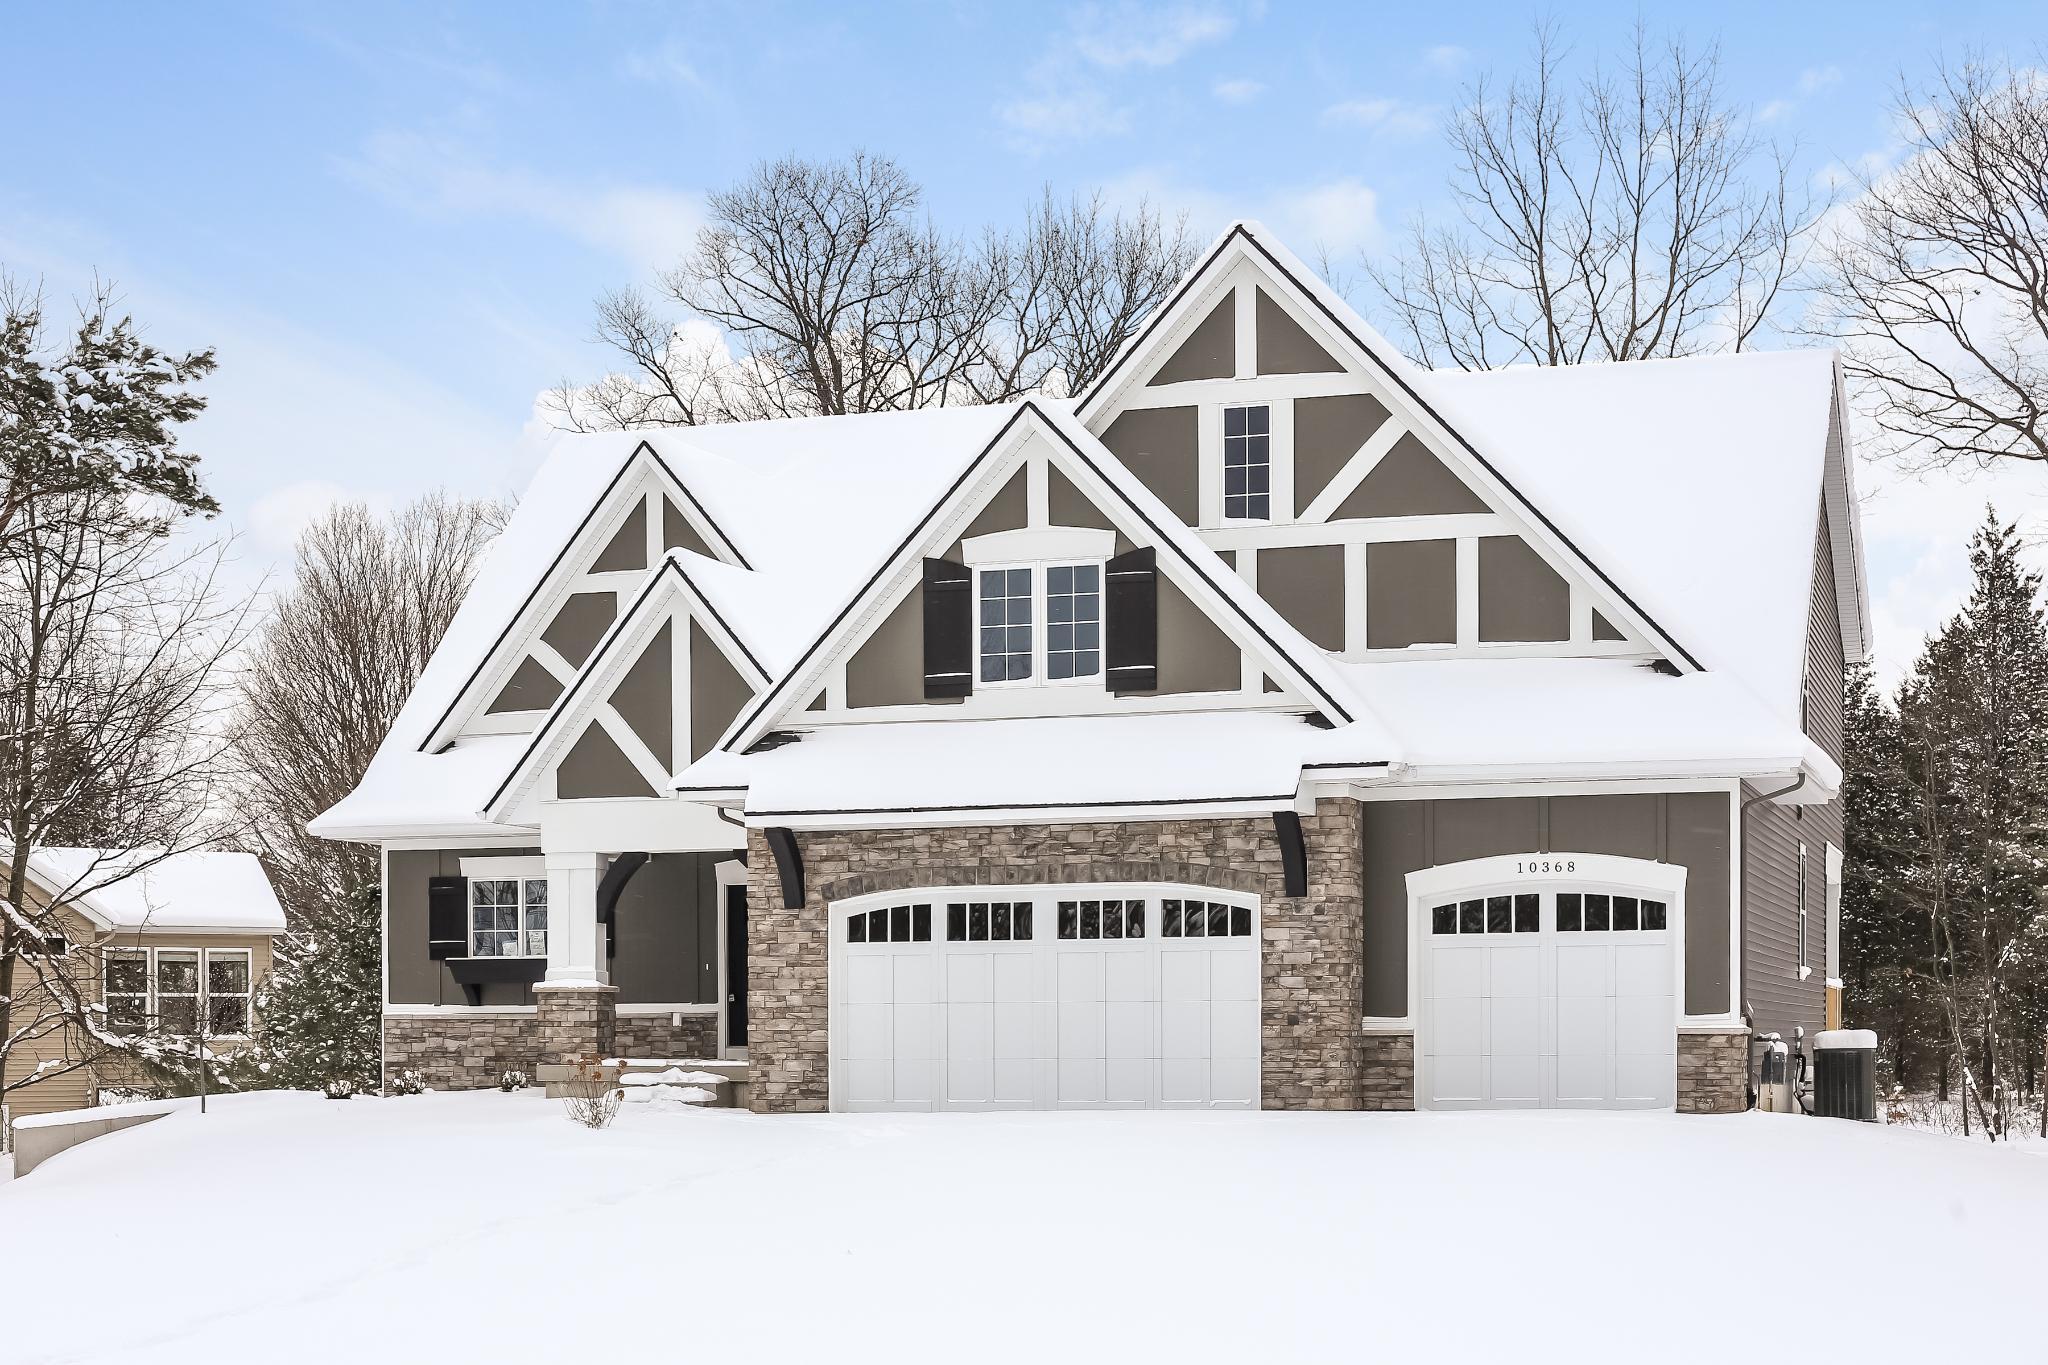 10368 Mesic Drive | Lakeshore Woods | Eagle Creek Homes